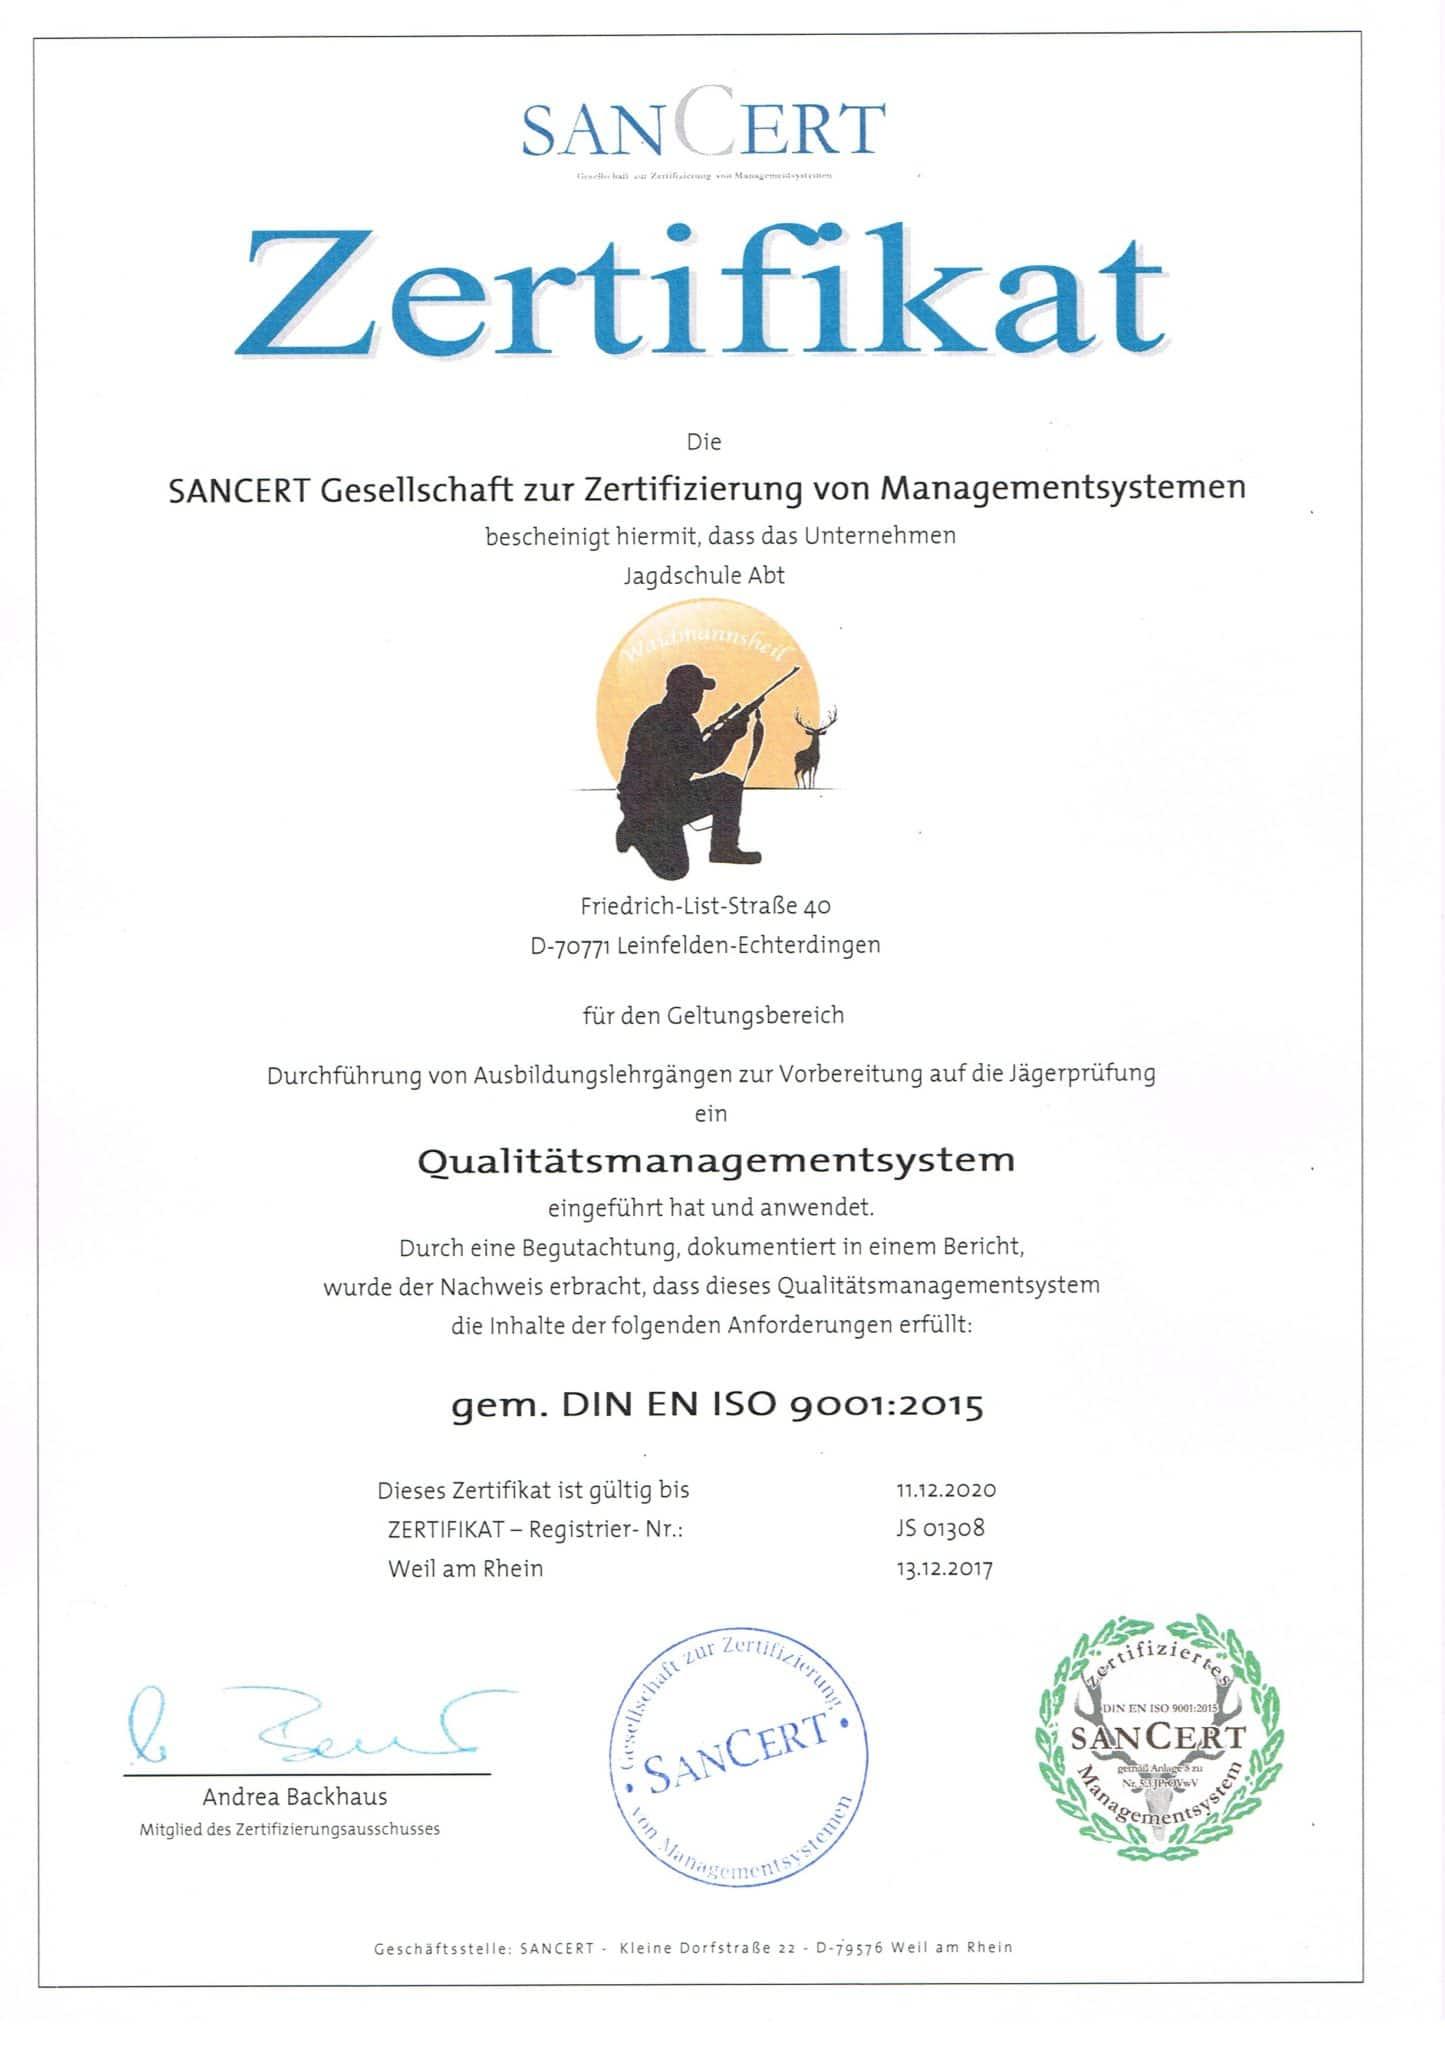 Zertifikat Jagdschule Abt